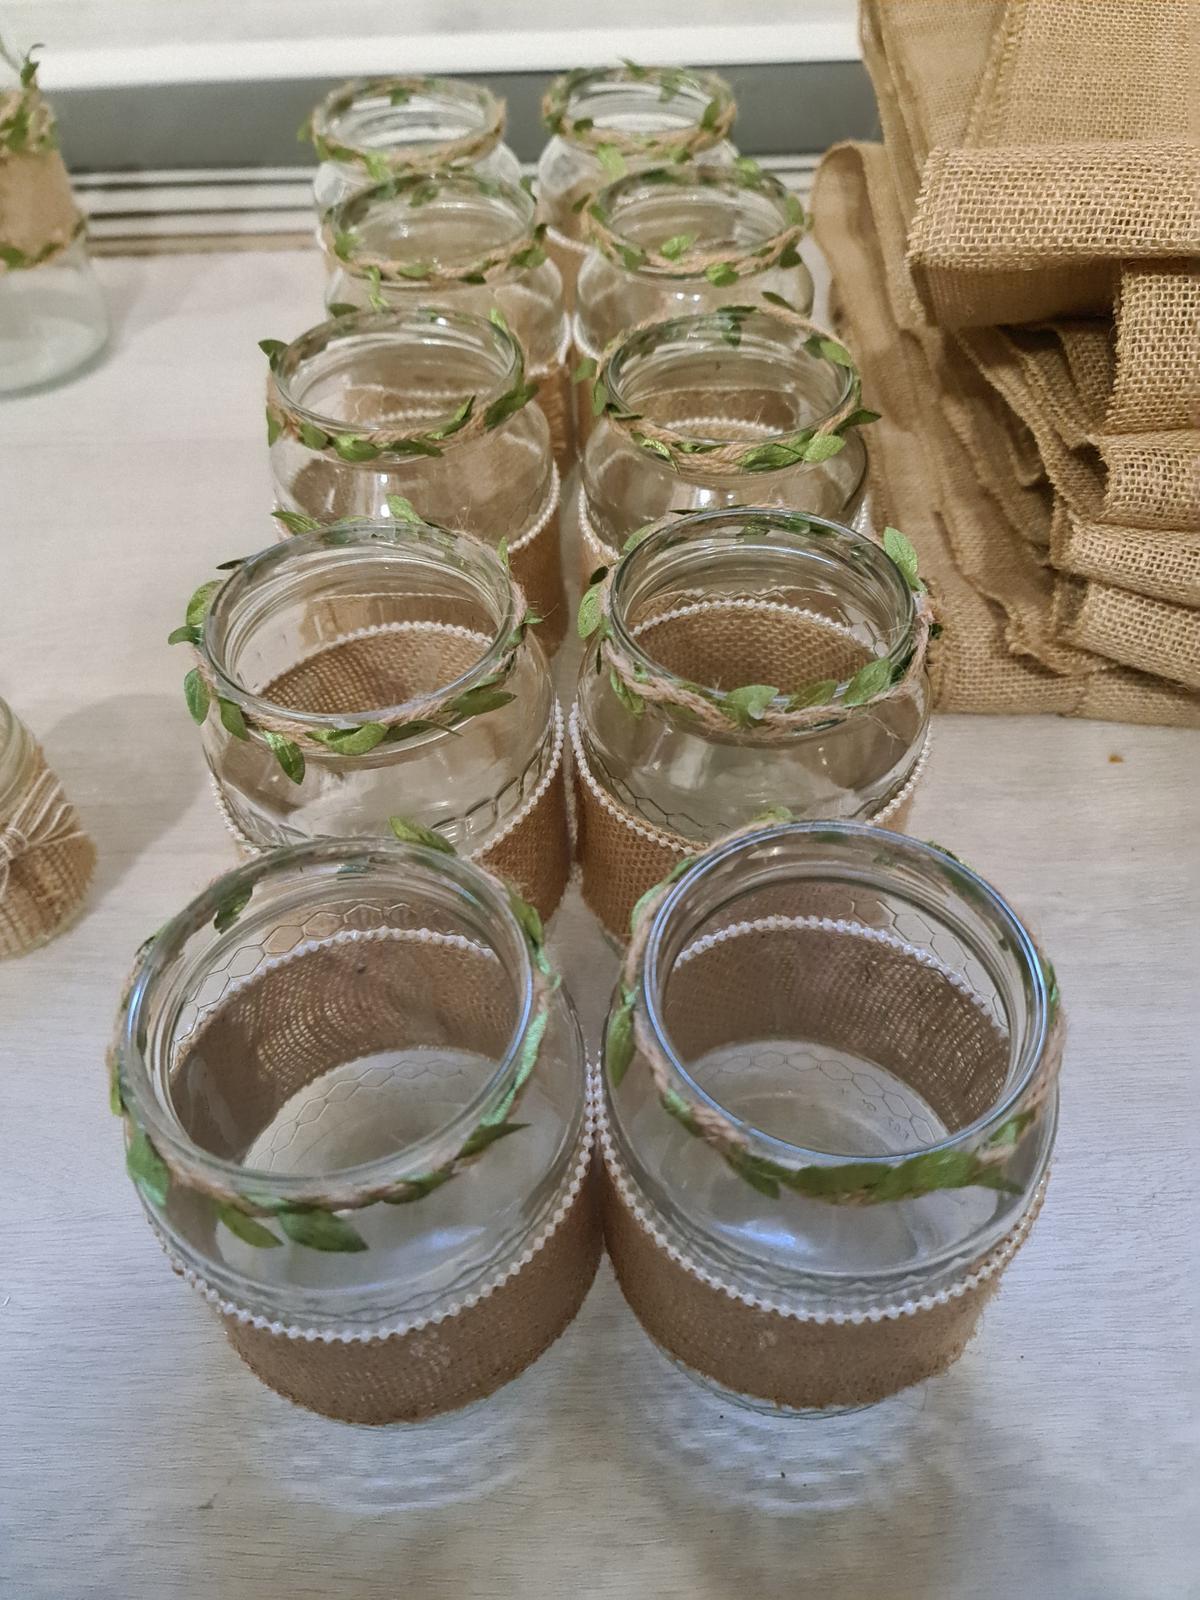 zdobená sklenice - váza - Obrázek č. 1